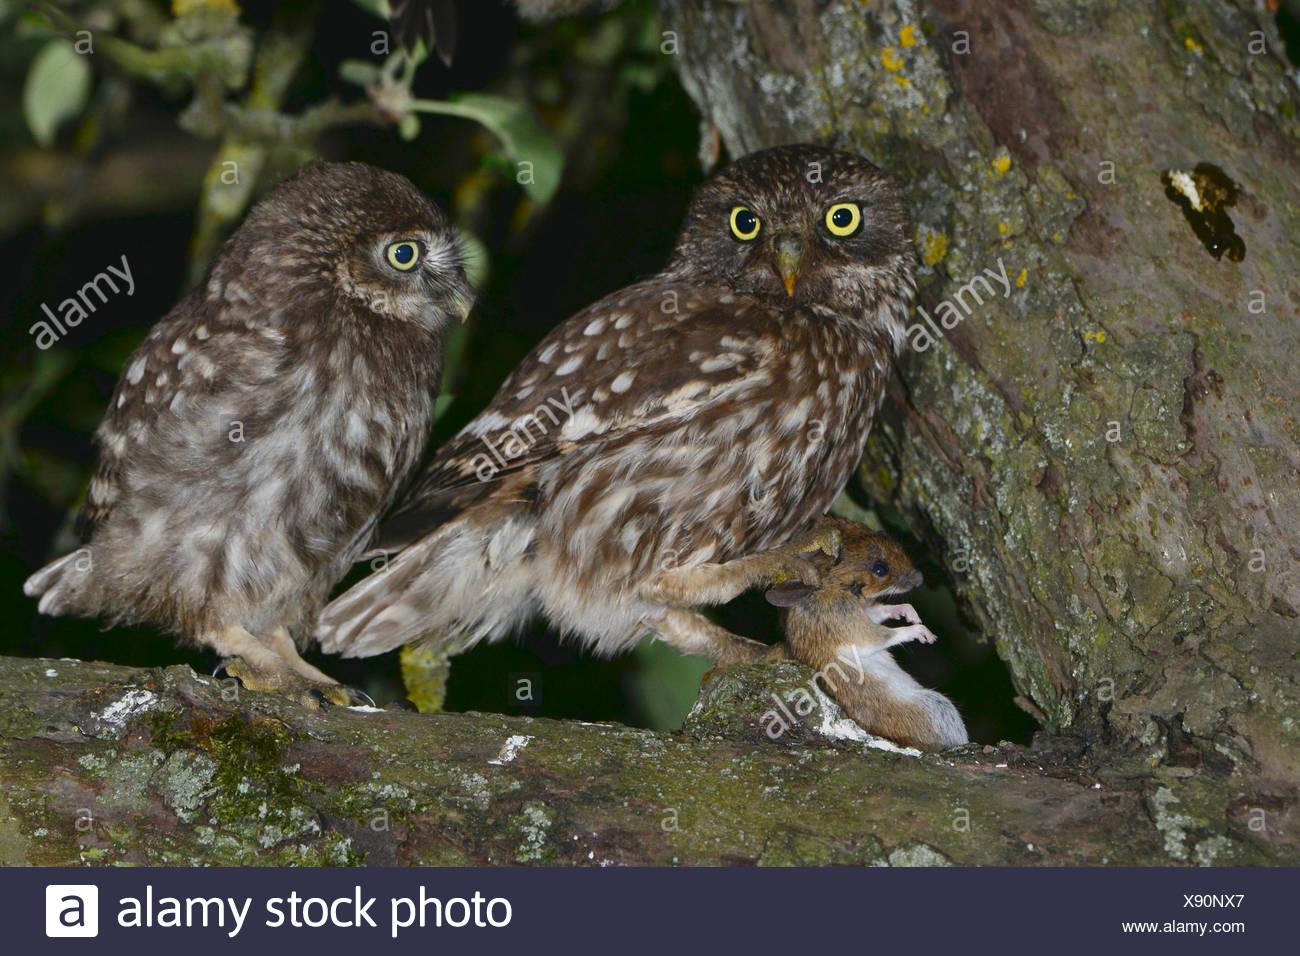 Pequeño Búho (Athene noctua) adulto (izquierda) ofrecen un ratón para la justa unfledged chick incluso en la copa de un Appletree Imagen De Stock